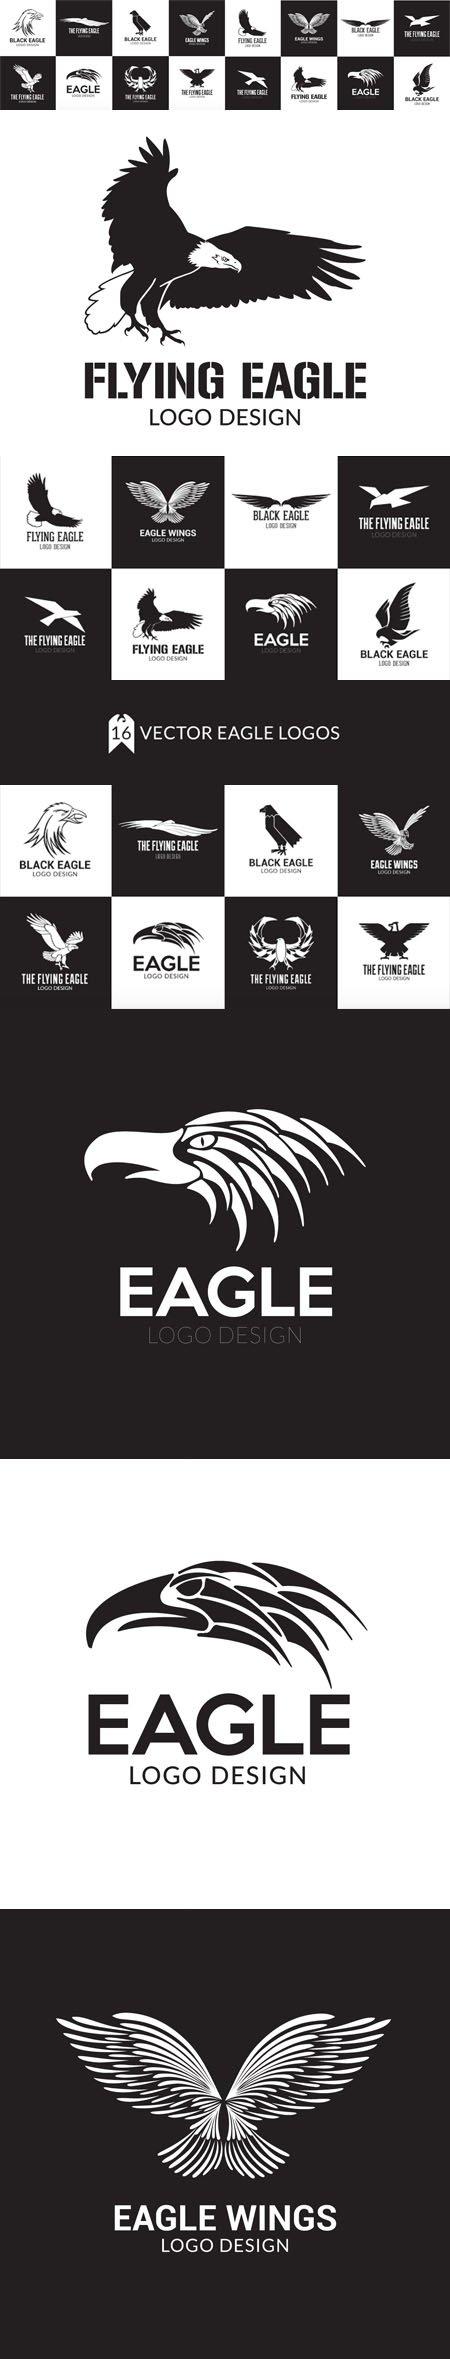 Eagle Logo Design Pack - 16 Logo